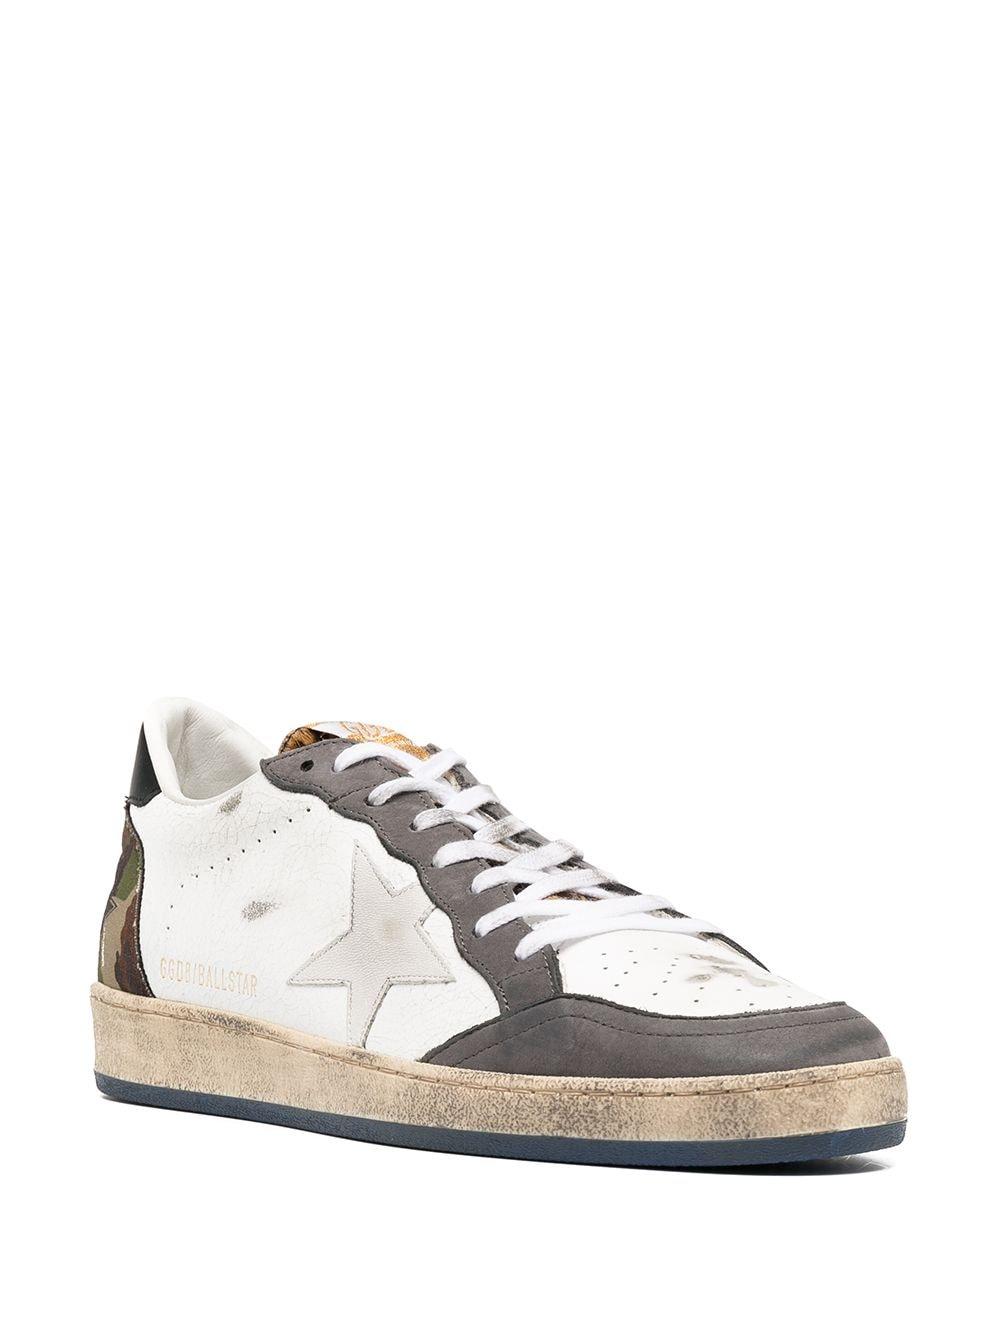 GOLDEN GOOSE GOLDEN GOOSE | Sneakers | GMF00117F00063080515